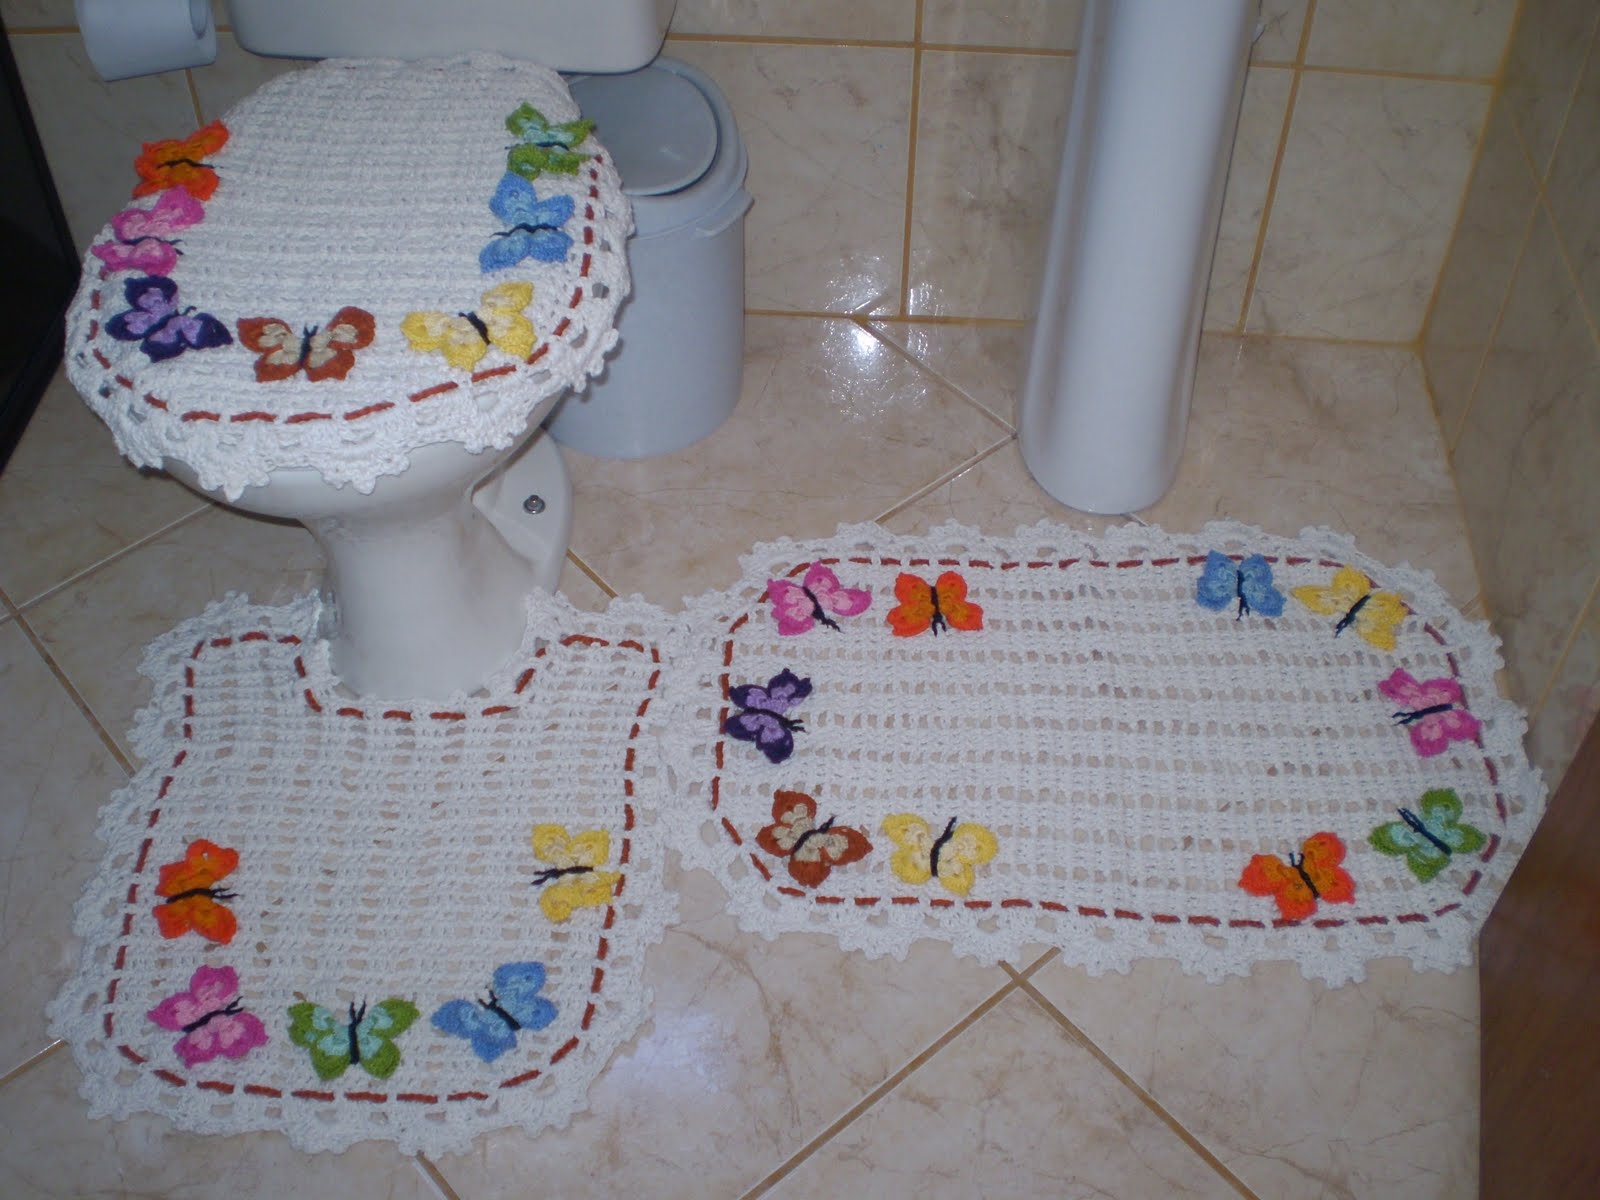 Jogo banheiro 3 p?s com borboletas FAZENDO CROCH? COM ...